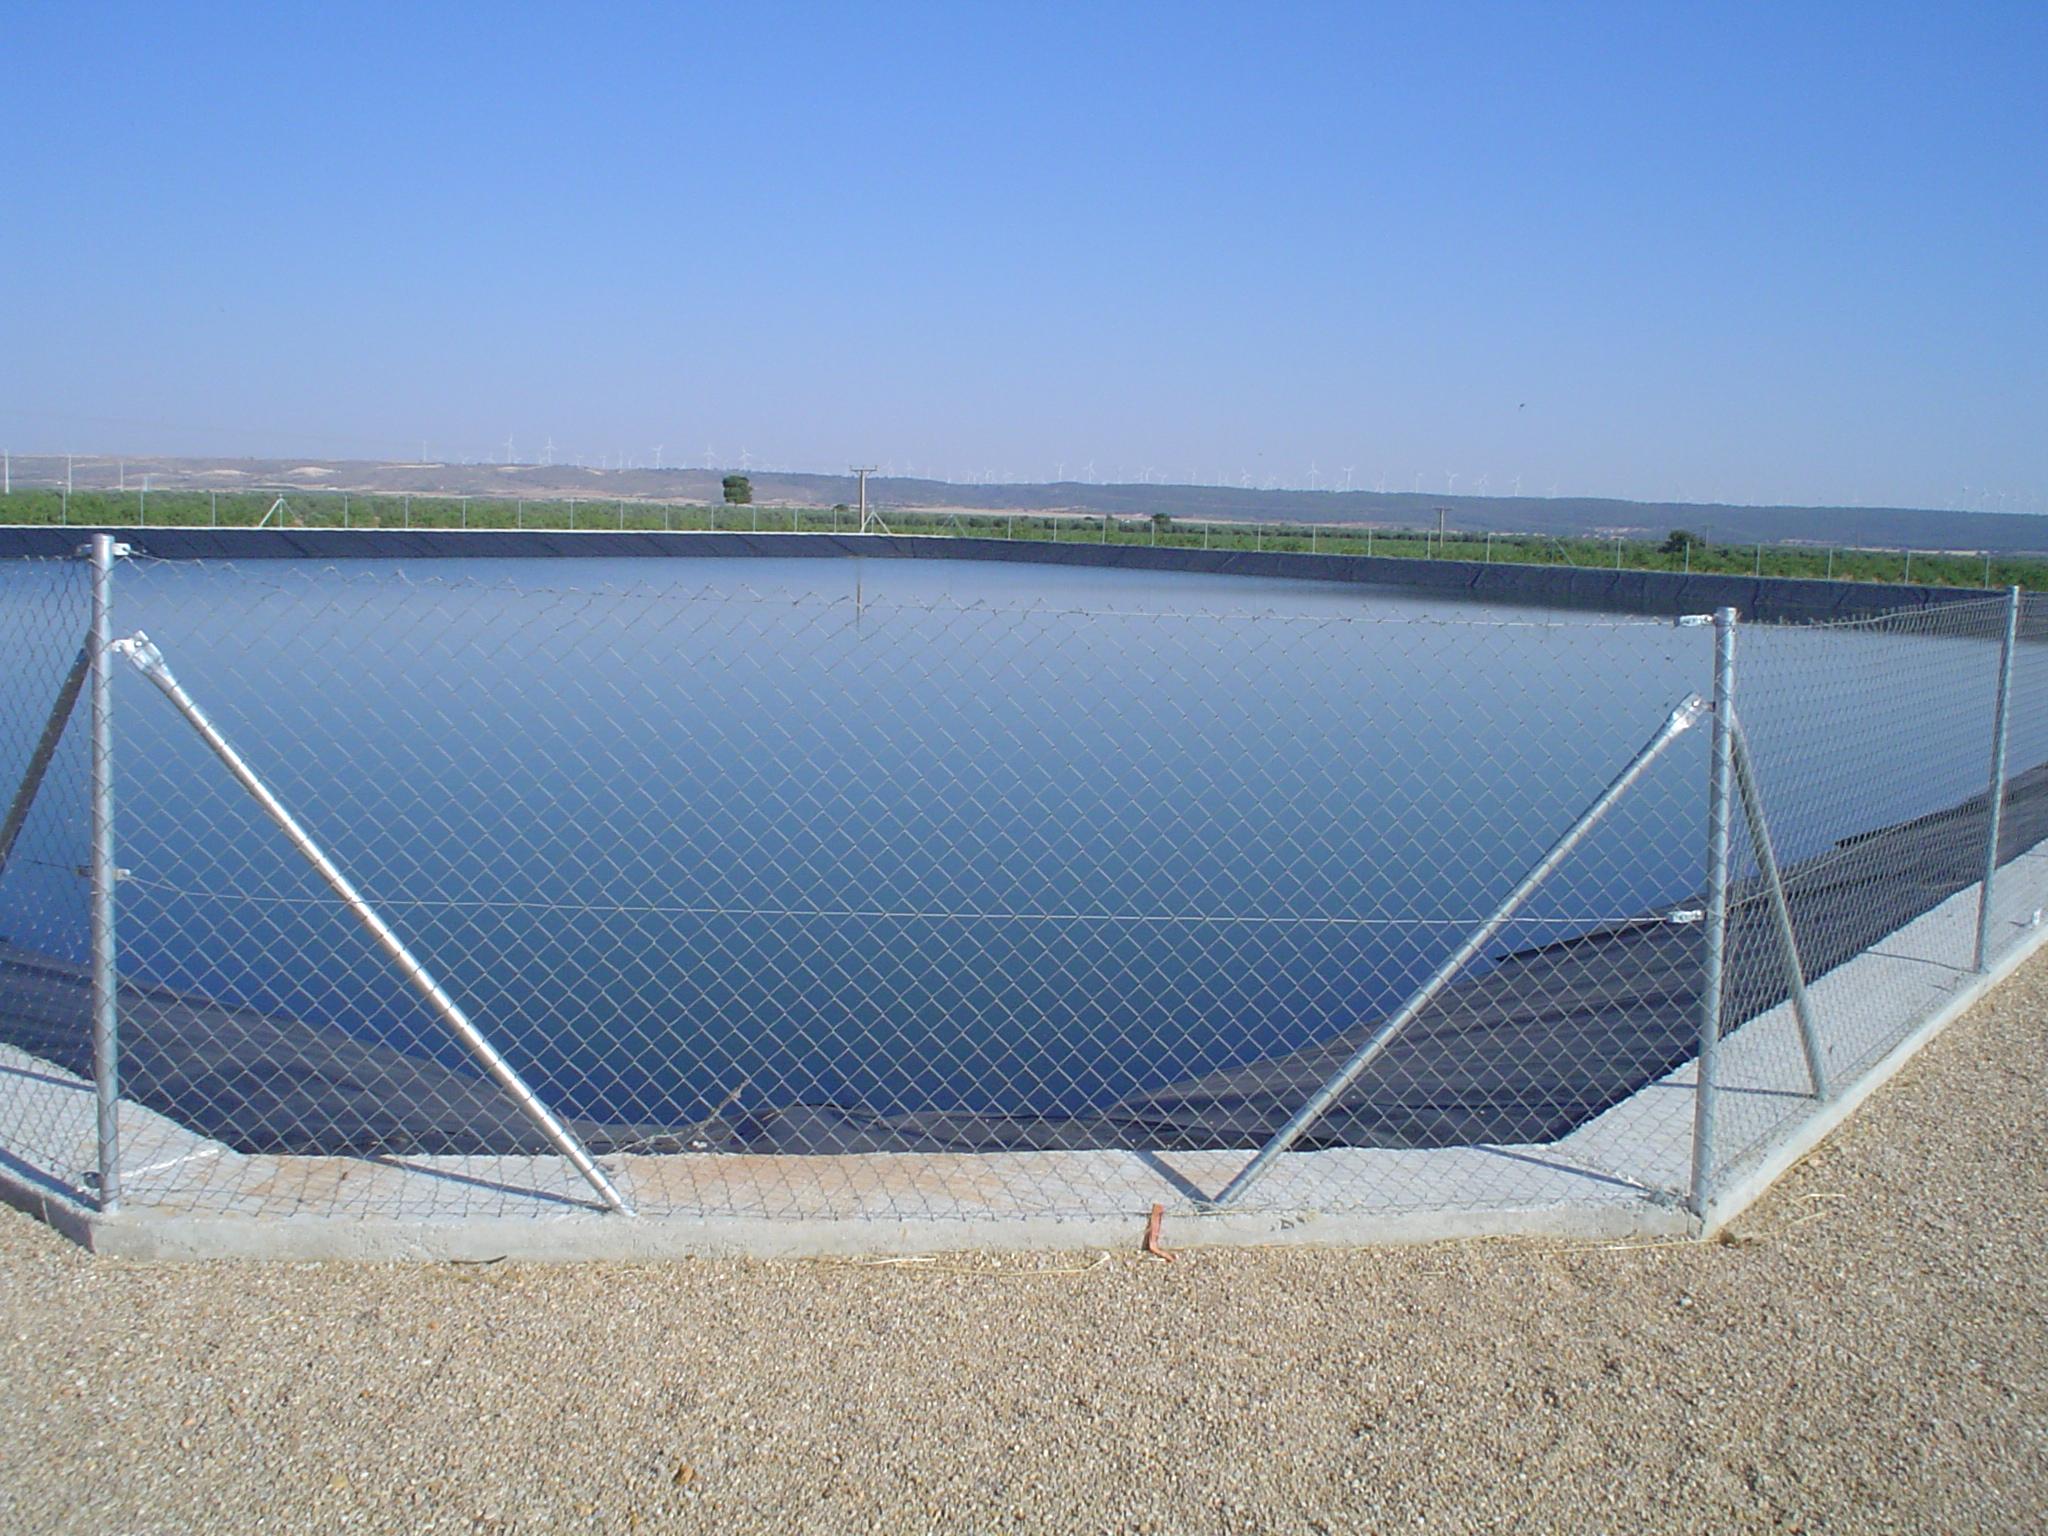 Reservorio para riego de olivar